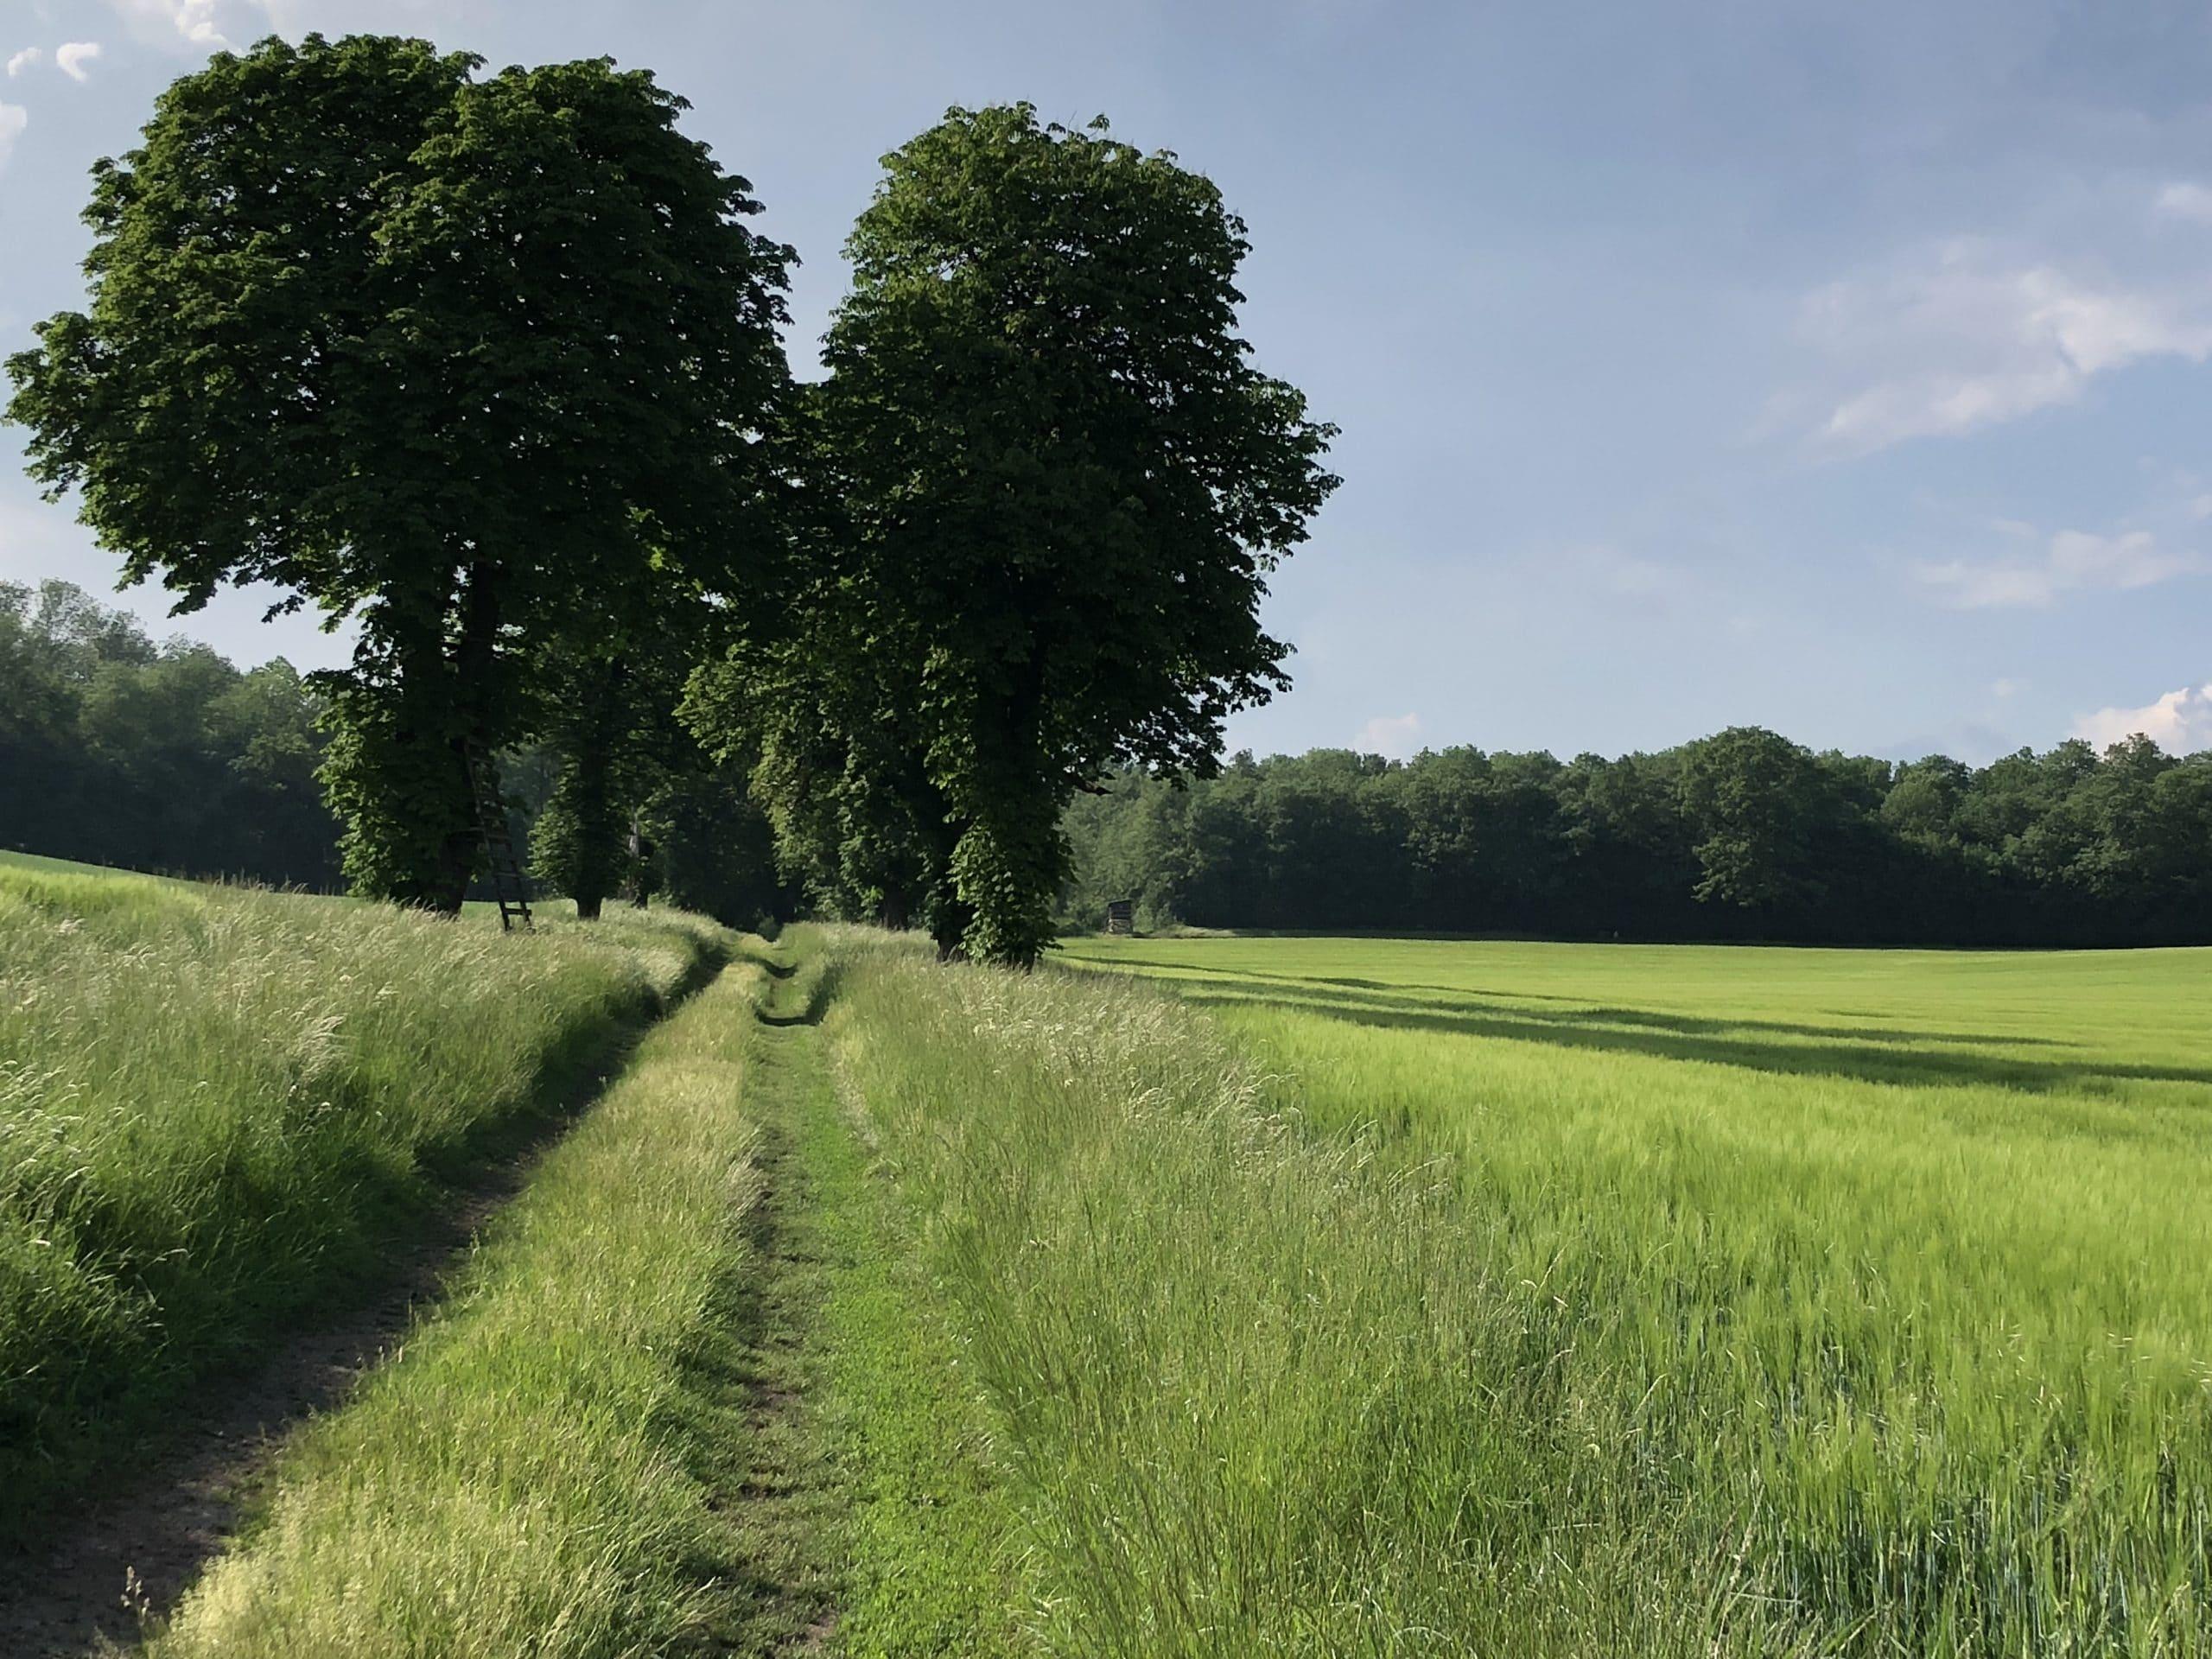 Baumallee neben Feld im Weinviertel im Frühling, Wald im Hintergrund